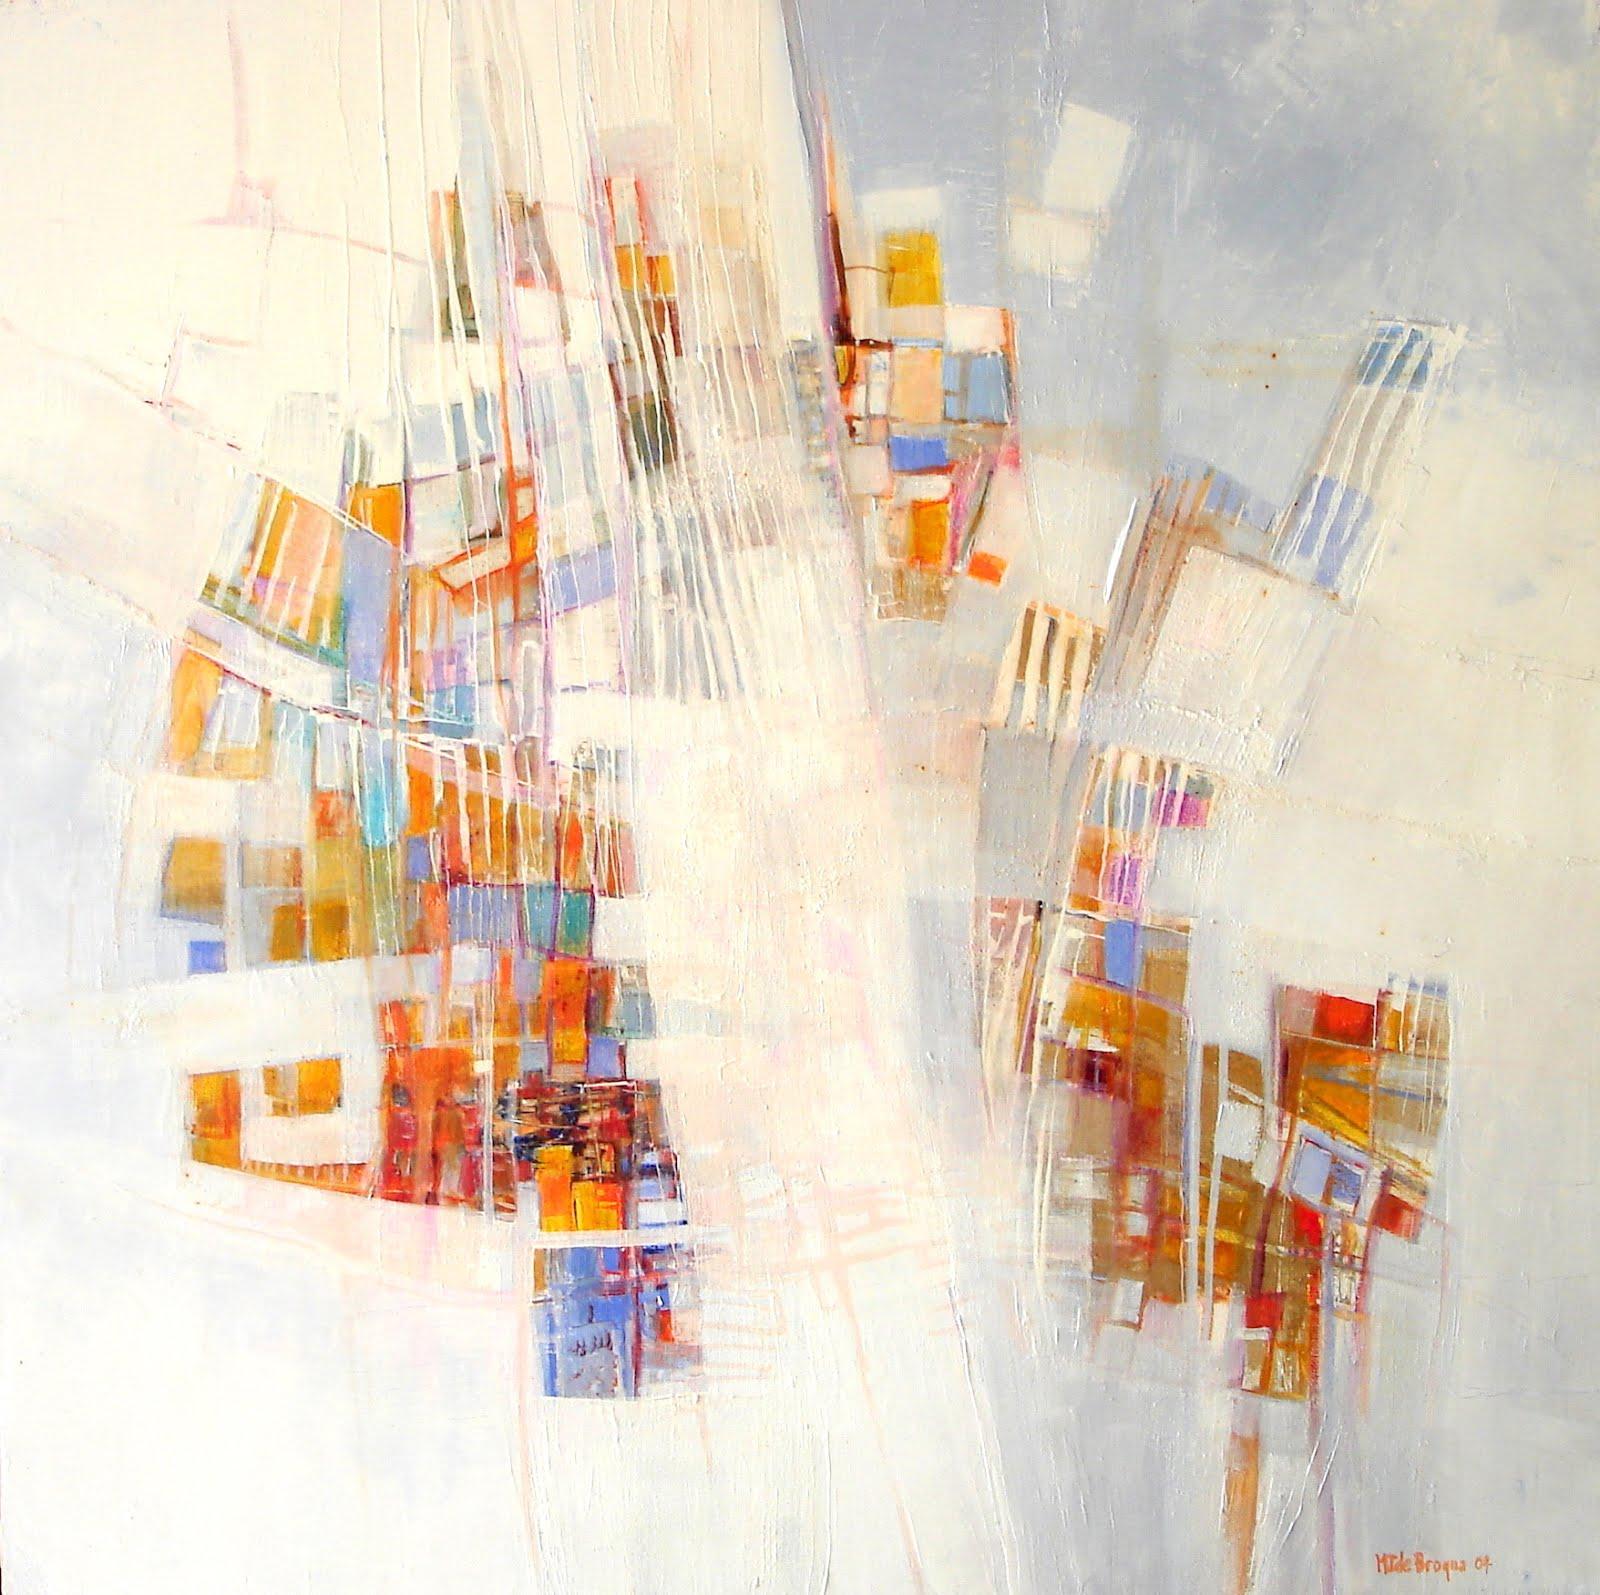 Parcelles d'étoiles - 70 x 70 cm - 2004